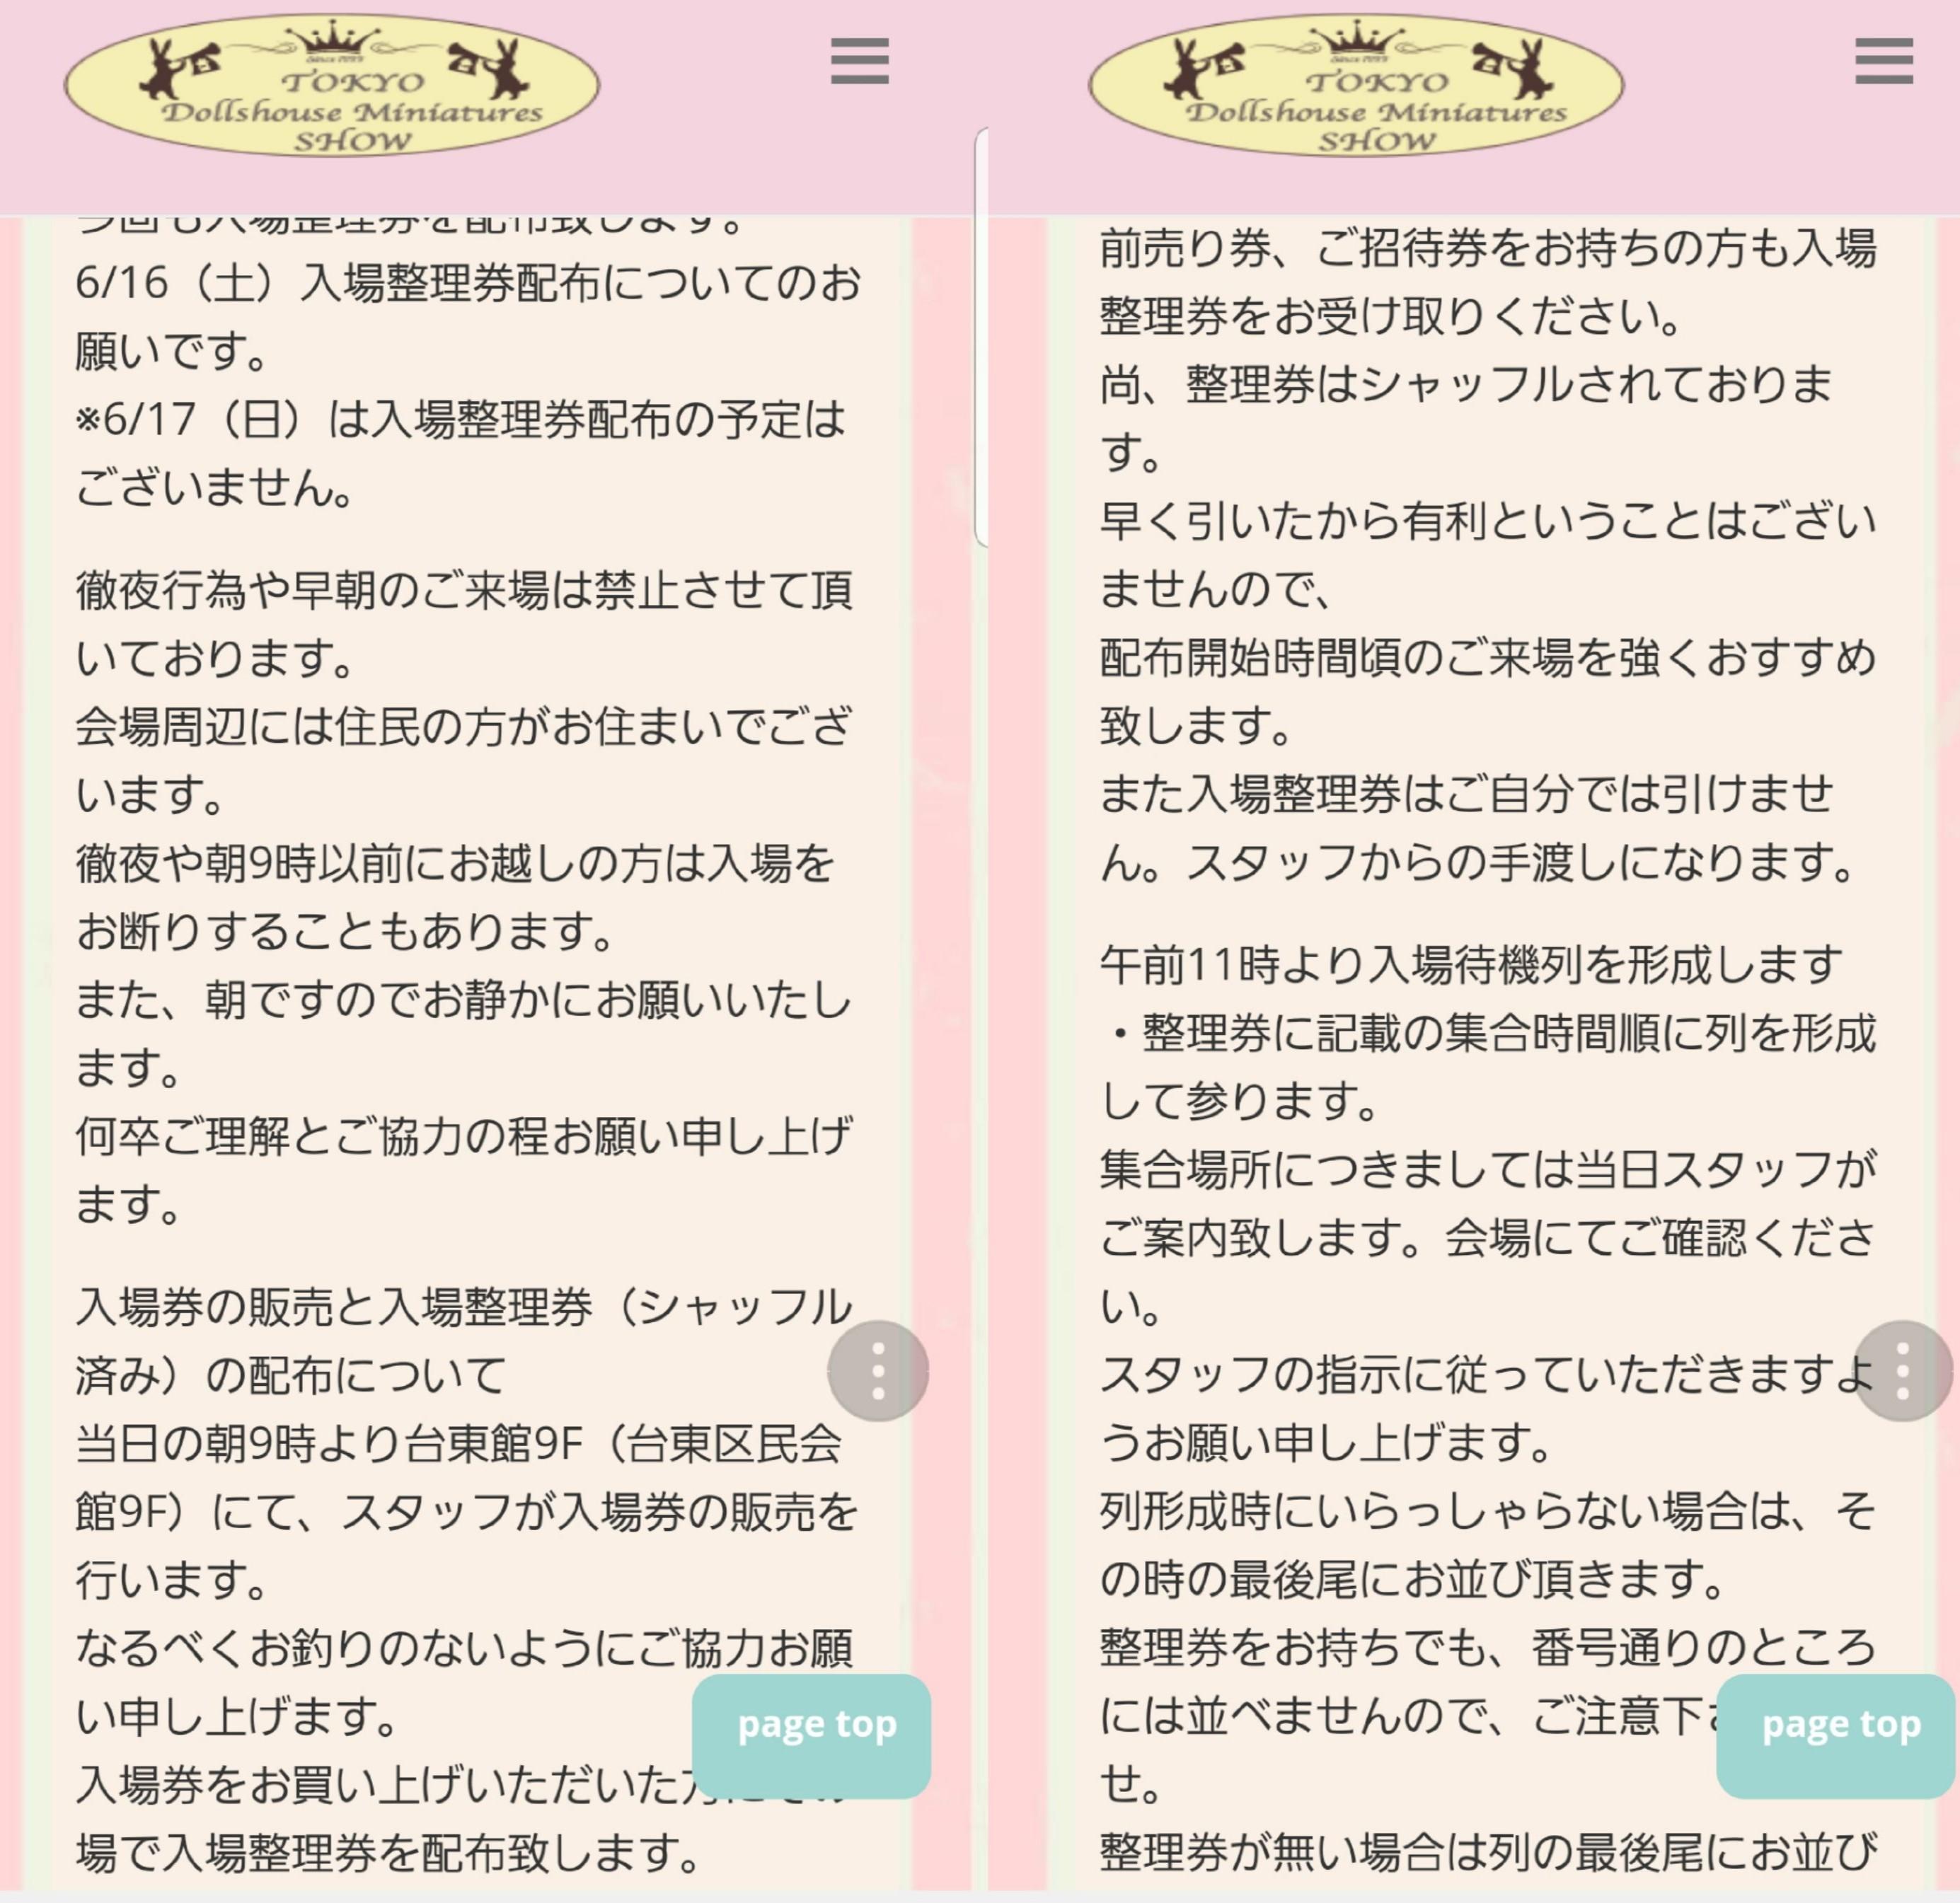 東京ドールハウスミニチュアショウ,入場券配布のお知らせ,当日券